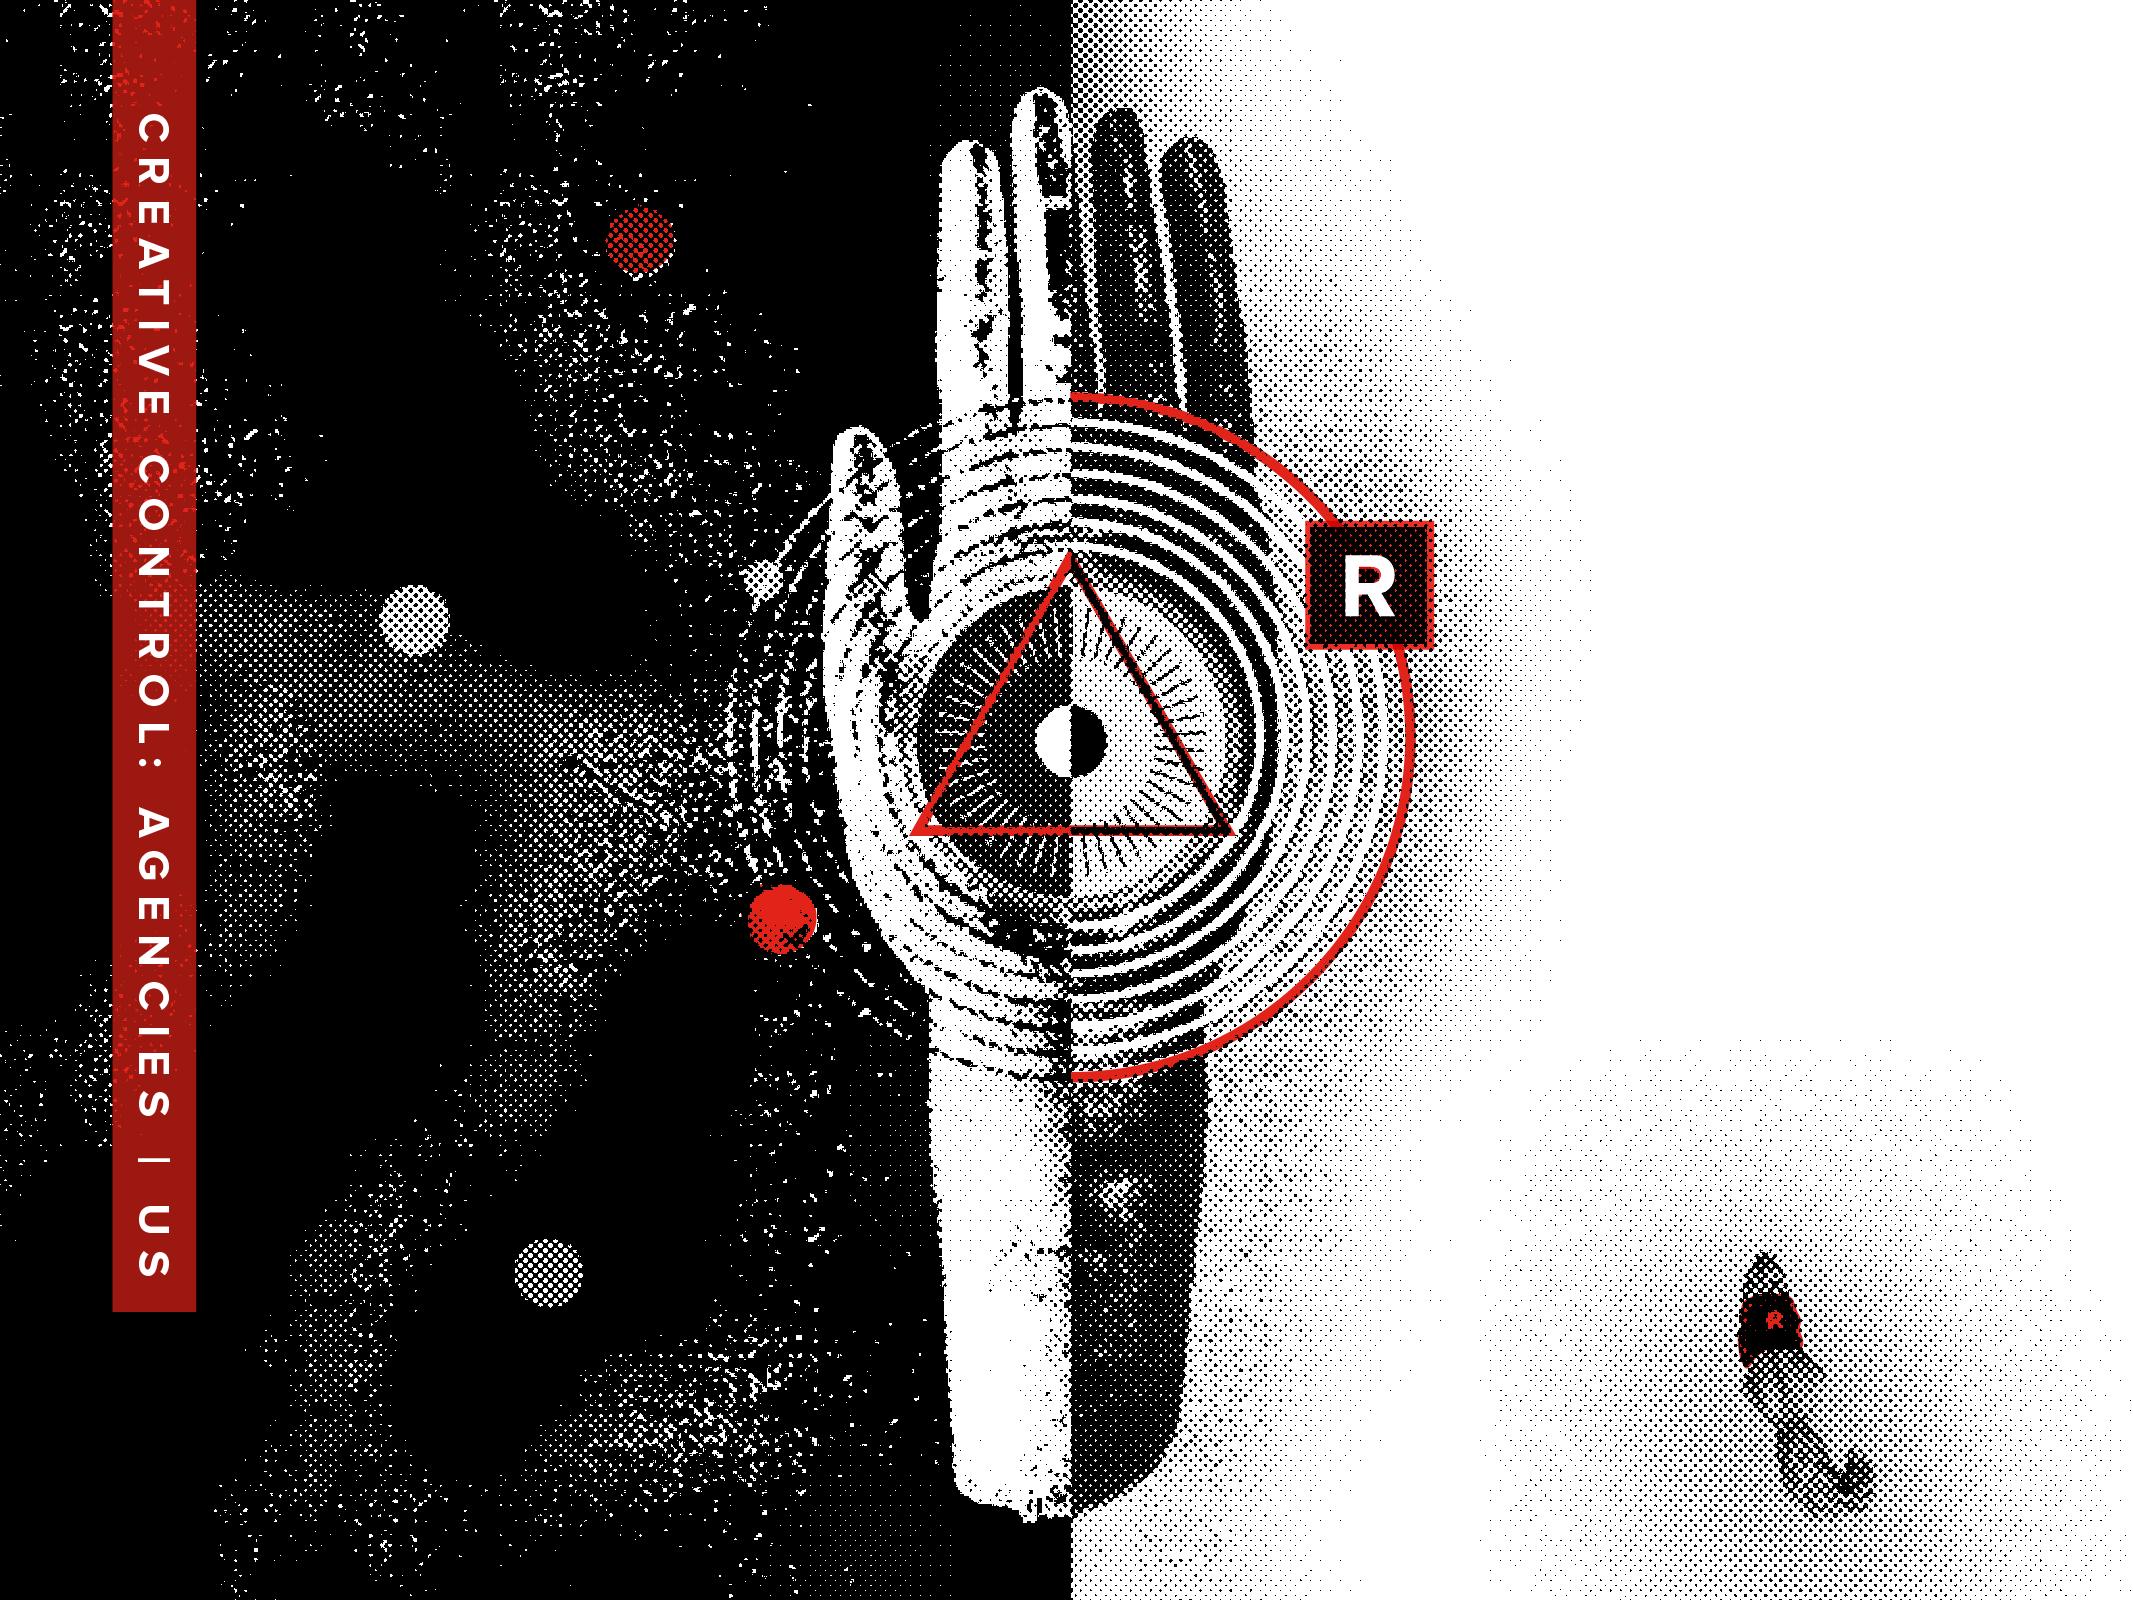 Retreat-Evol_6.png